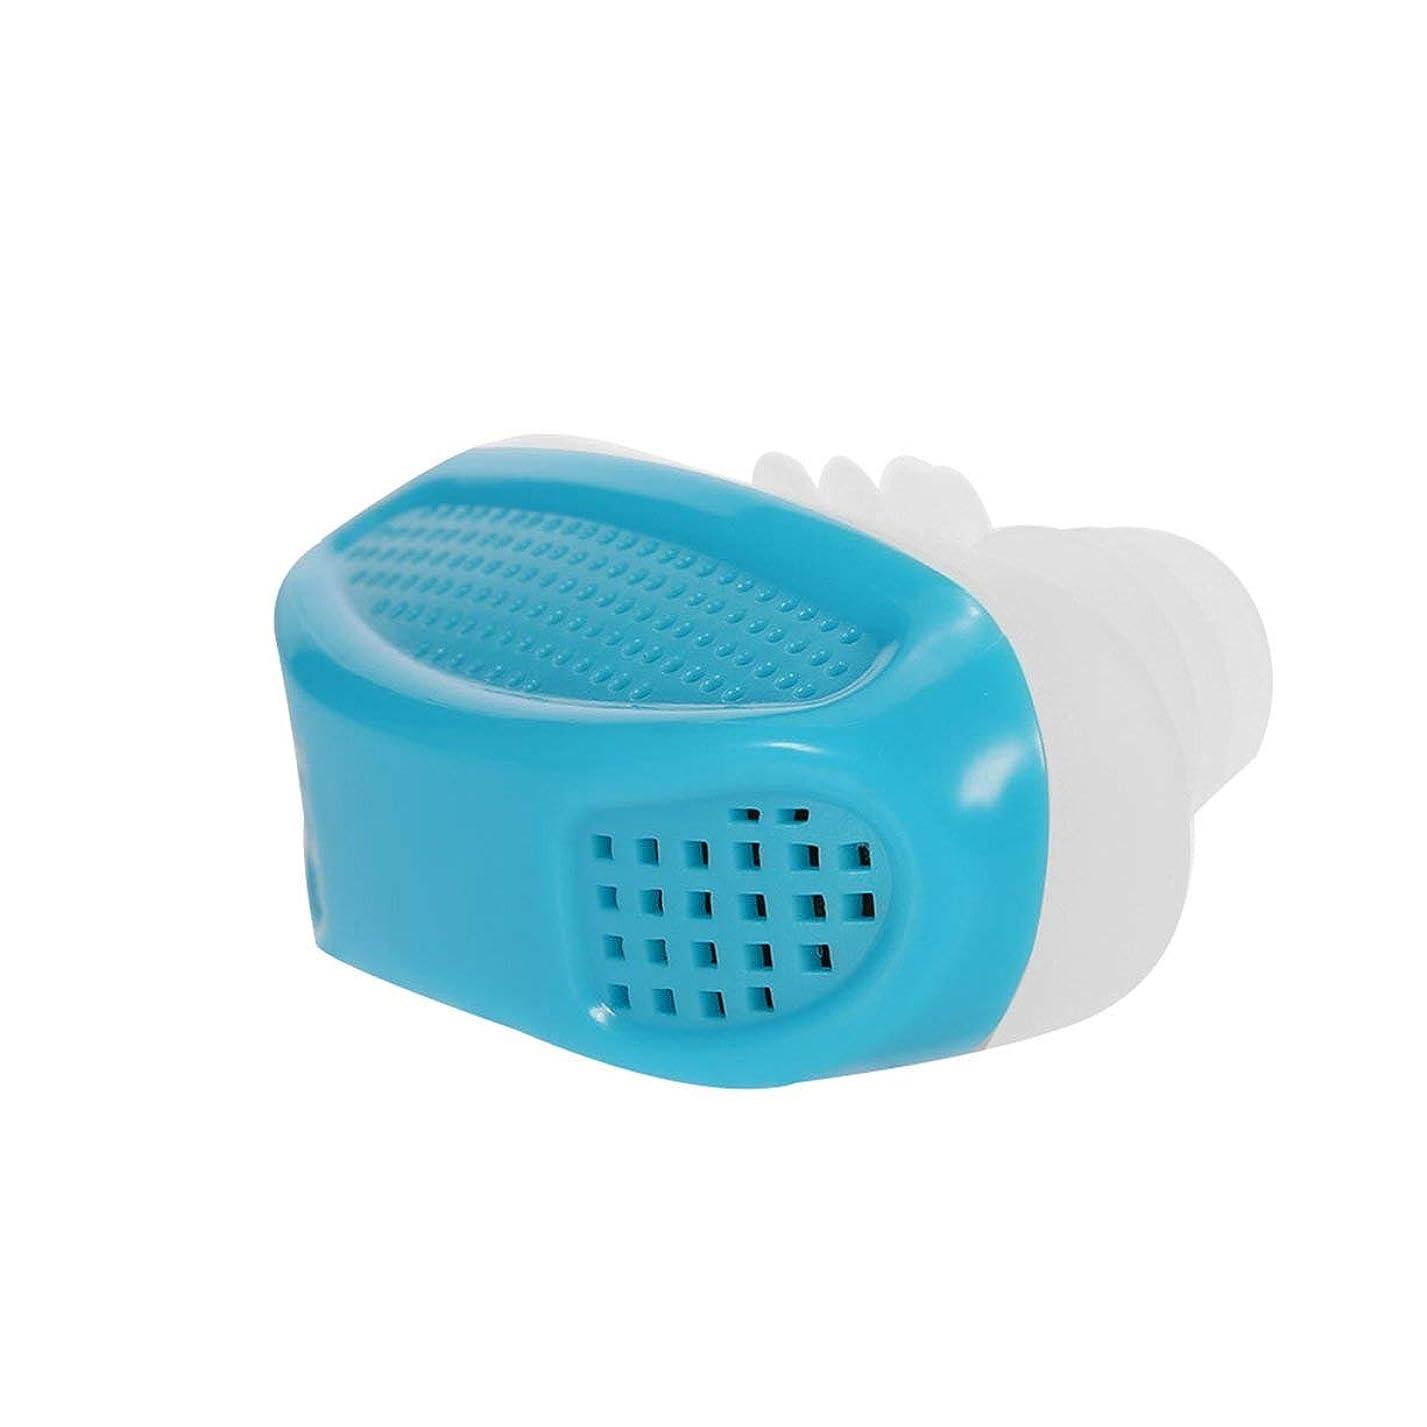 蒸発浸透する哀れな1に付き2つの健康の抗いびき及び空気清浄器は鼻の混雑のいびき装置の換気の抗いびきの鼻クリップ - 青を和らげます